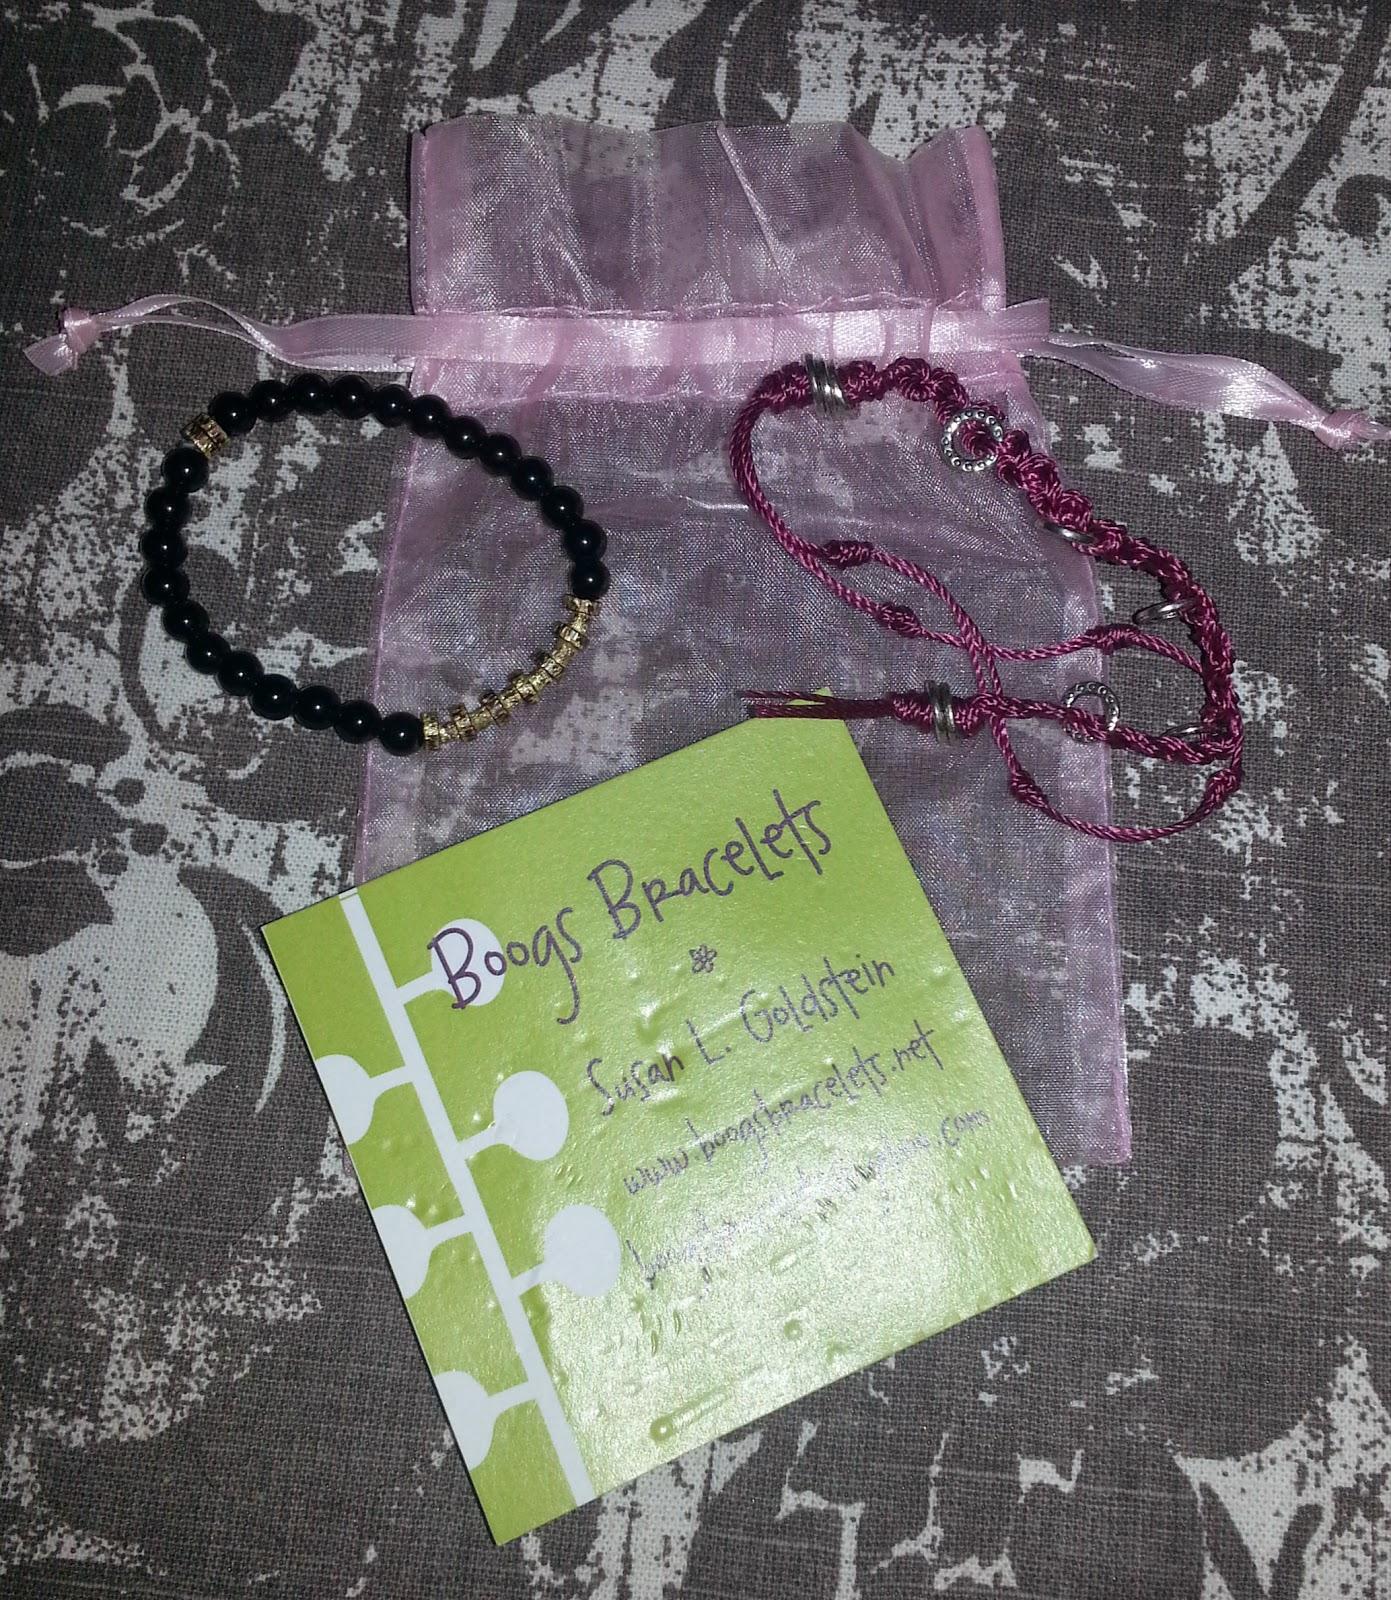 Boogs Bracelets